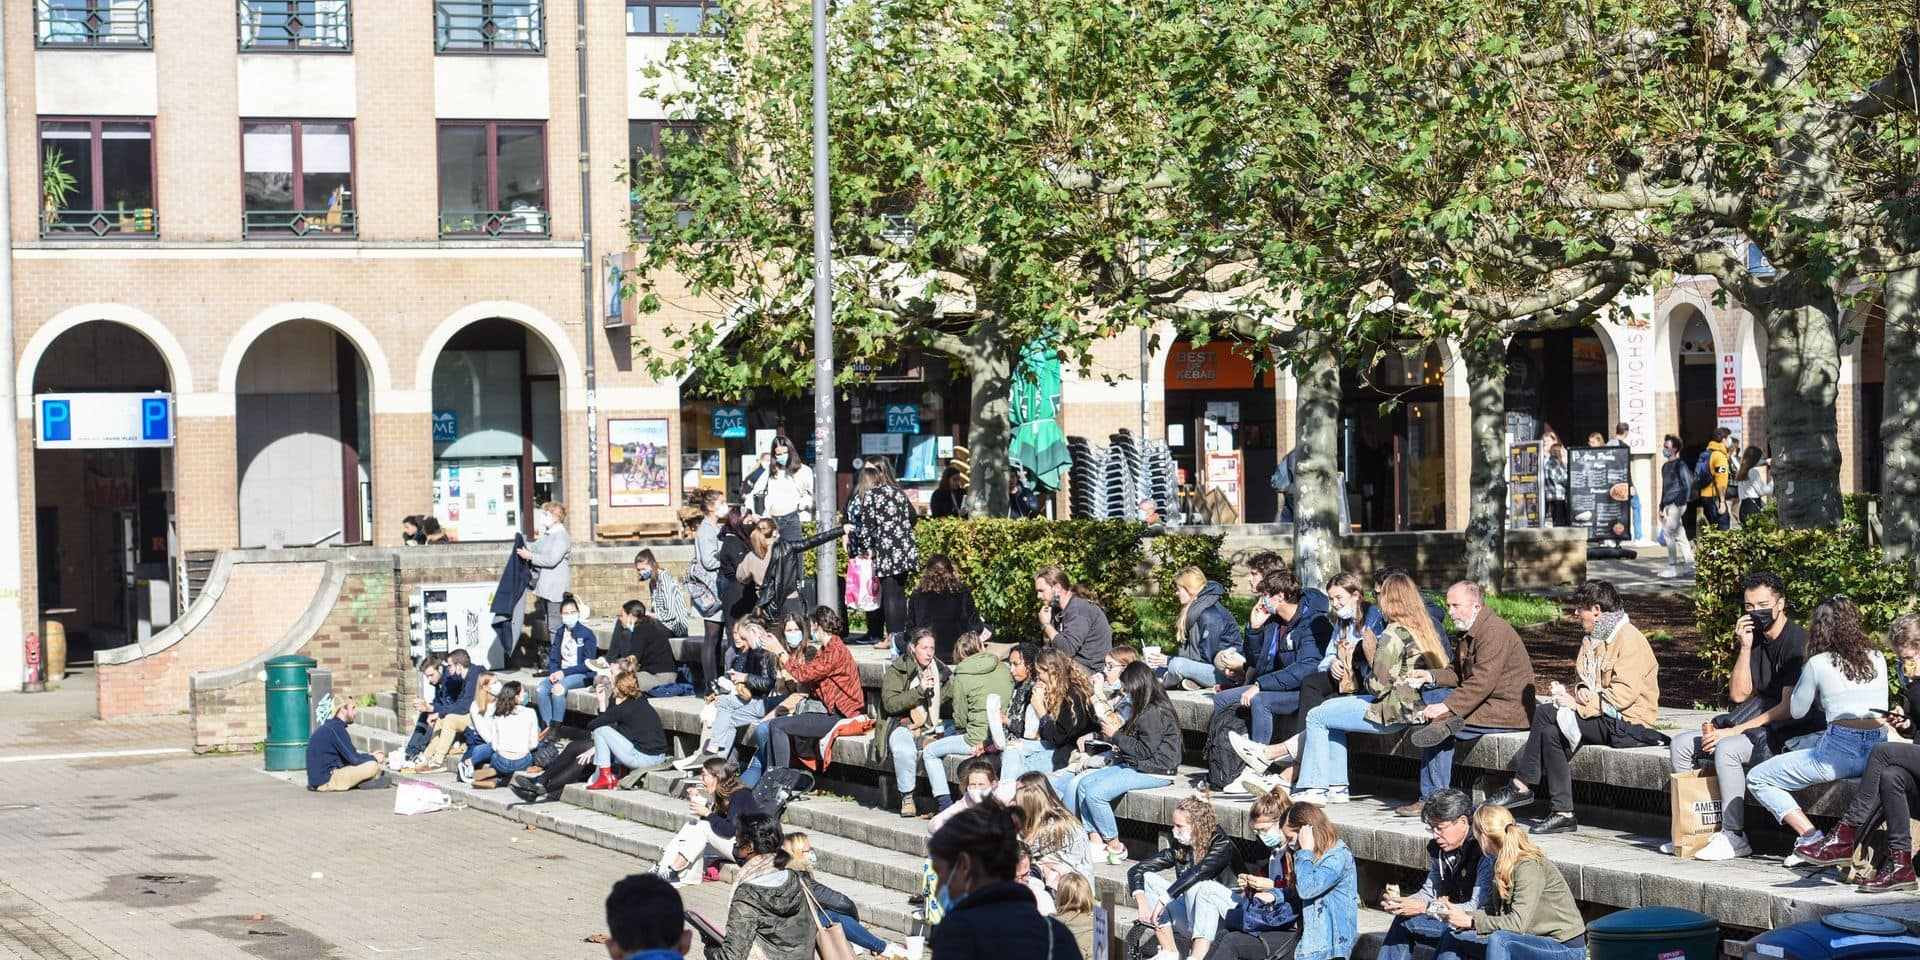 Nouveau débordement à Louvain-la-Neuve: onze personnes verbalisées pour une fête interdite